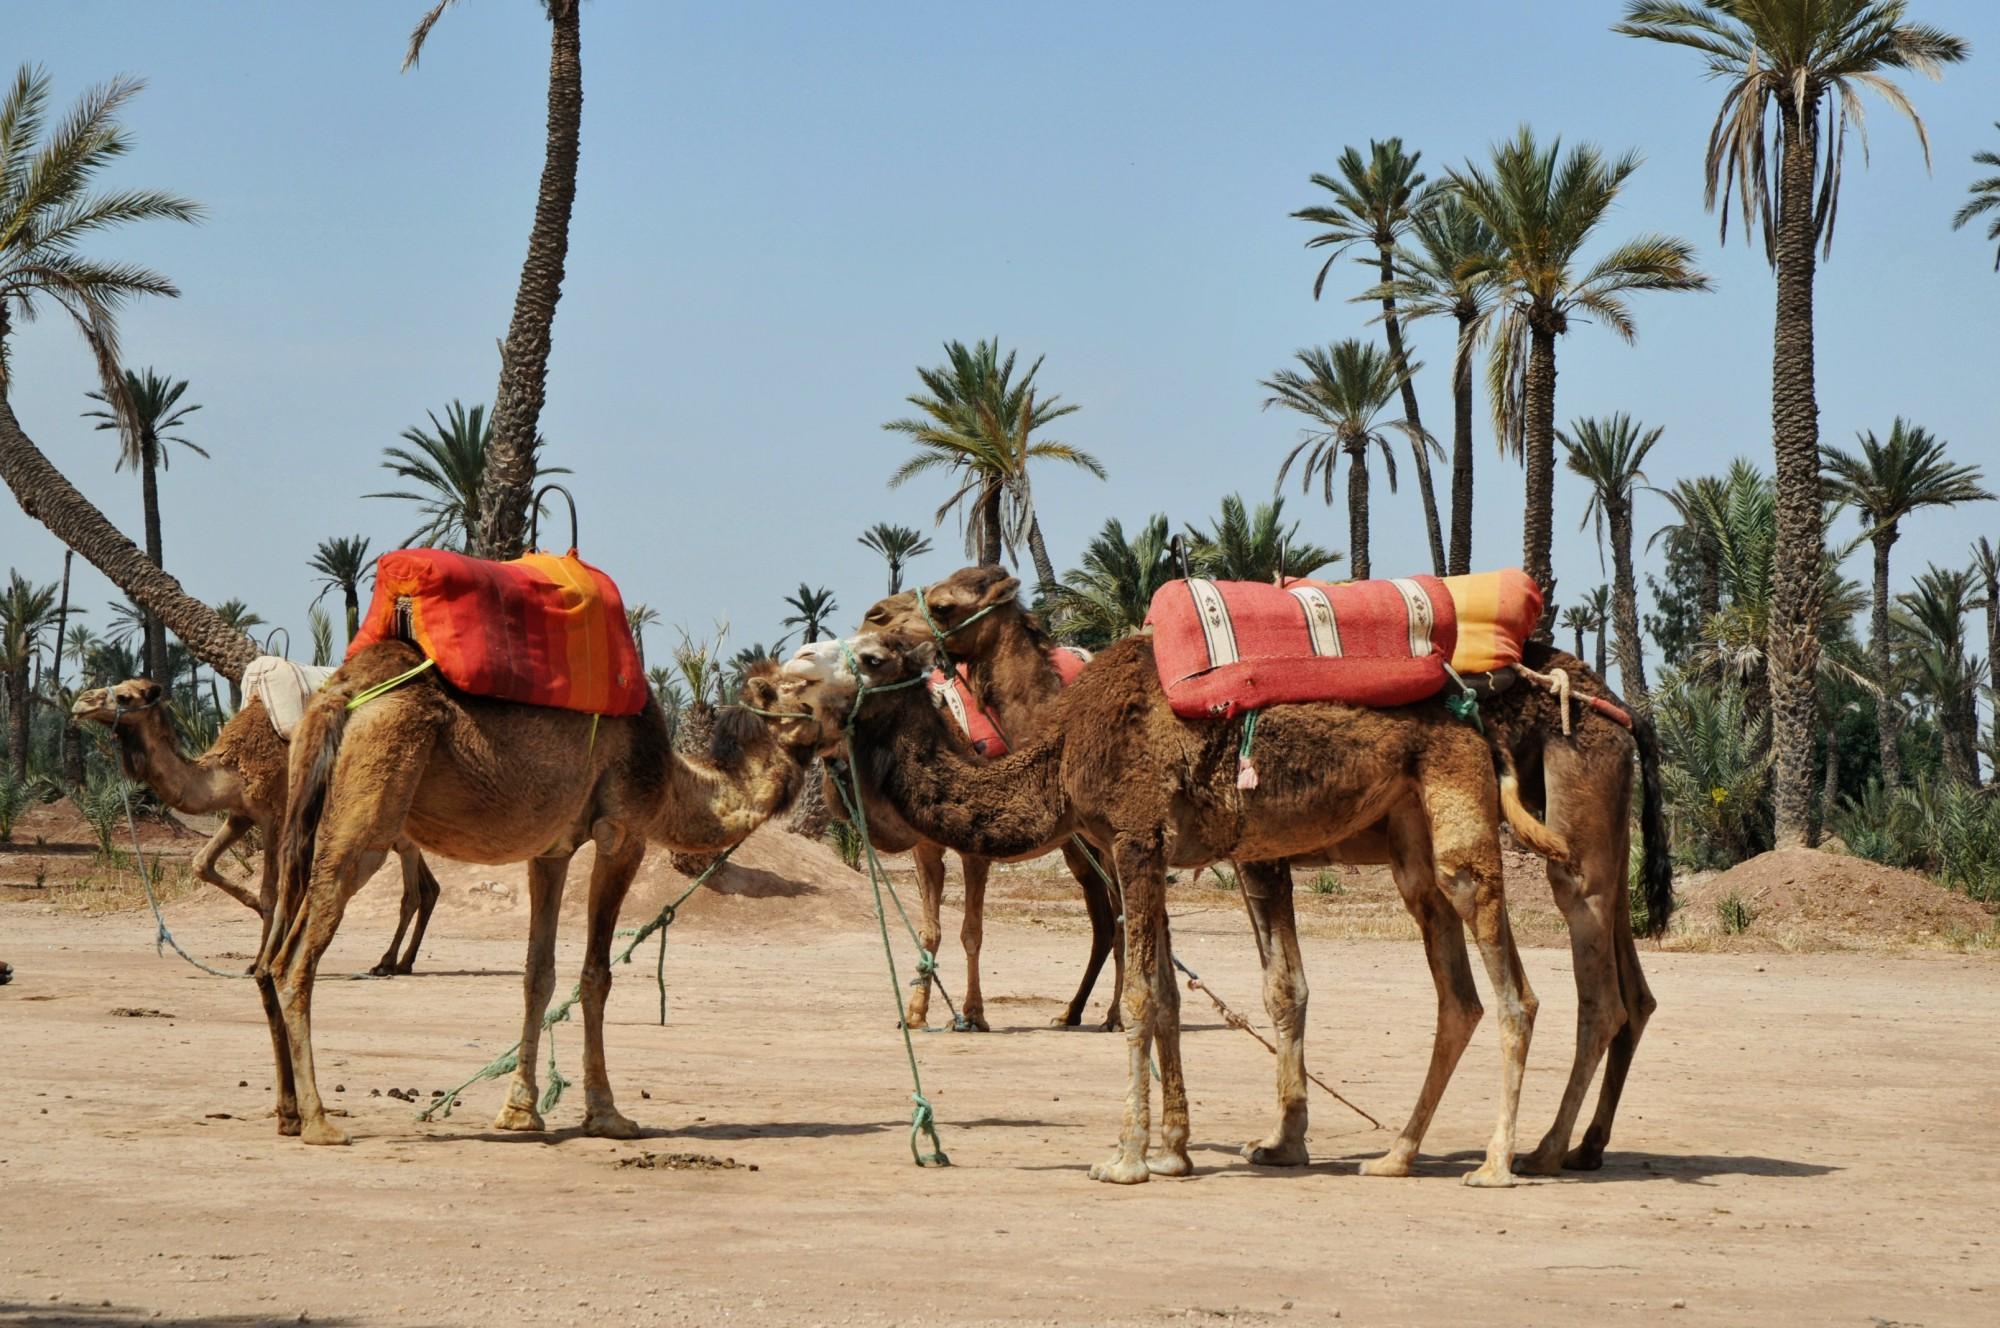 Palmeral de Marrakech, mística y dromedarios - Viajeros por el Mundo